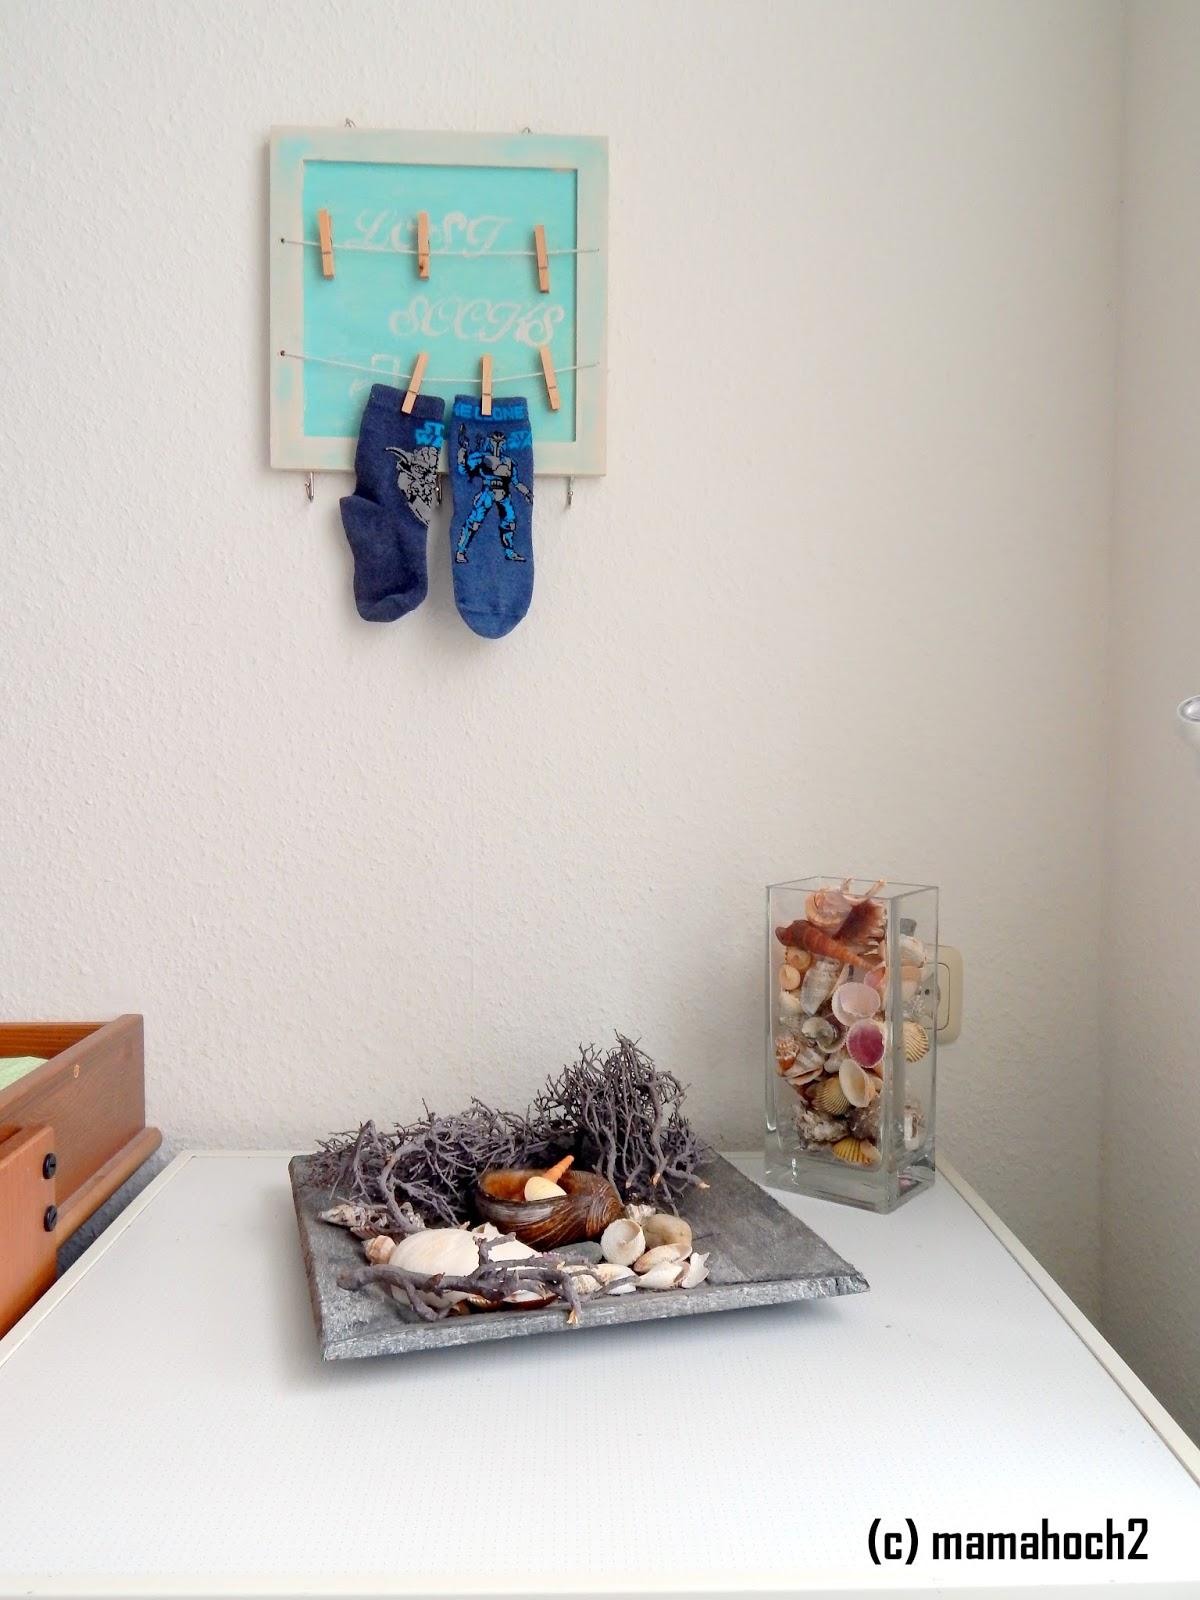 DIY Tutorial Lost Socks